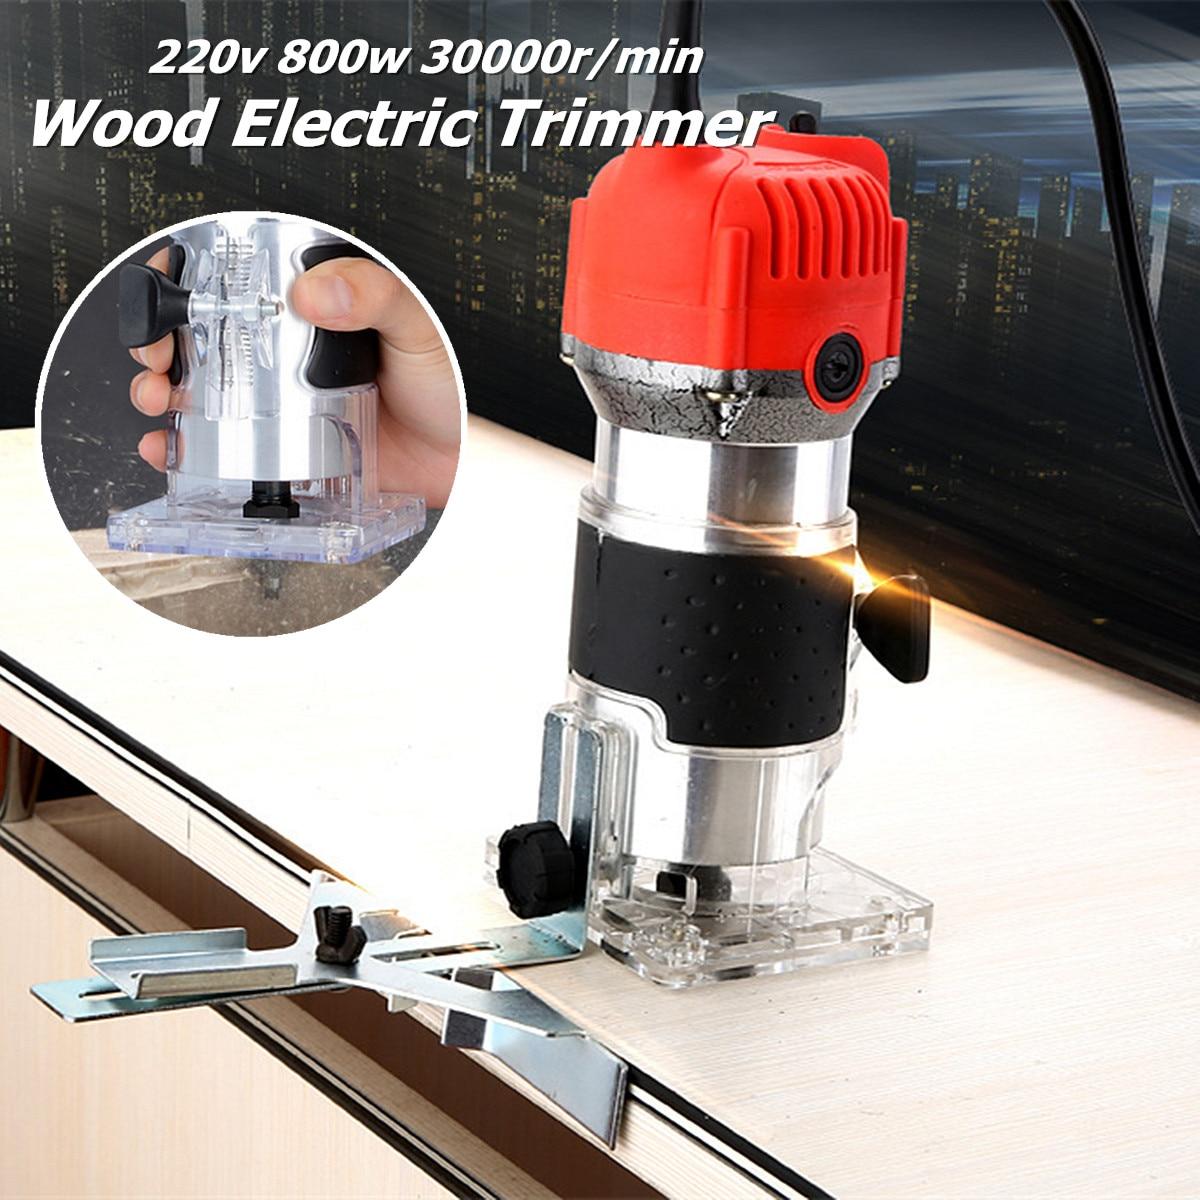 220 В 800 Вт 30000r/мин цанговый 6,35 мм разъем АС Проводные ручной электрический триммер дерево ламинатор маршрутизатор столяров инструменты Алюм...